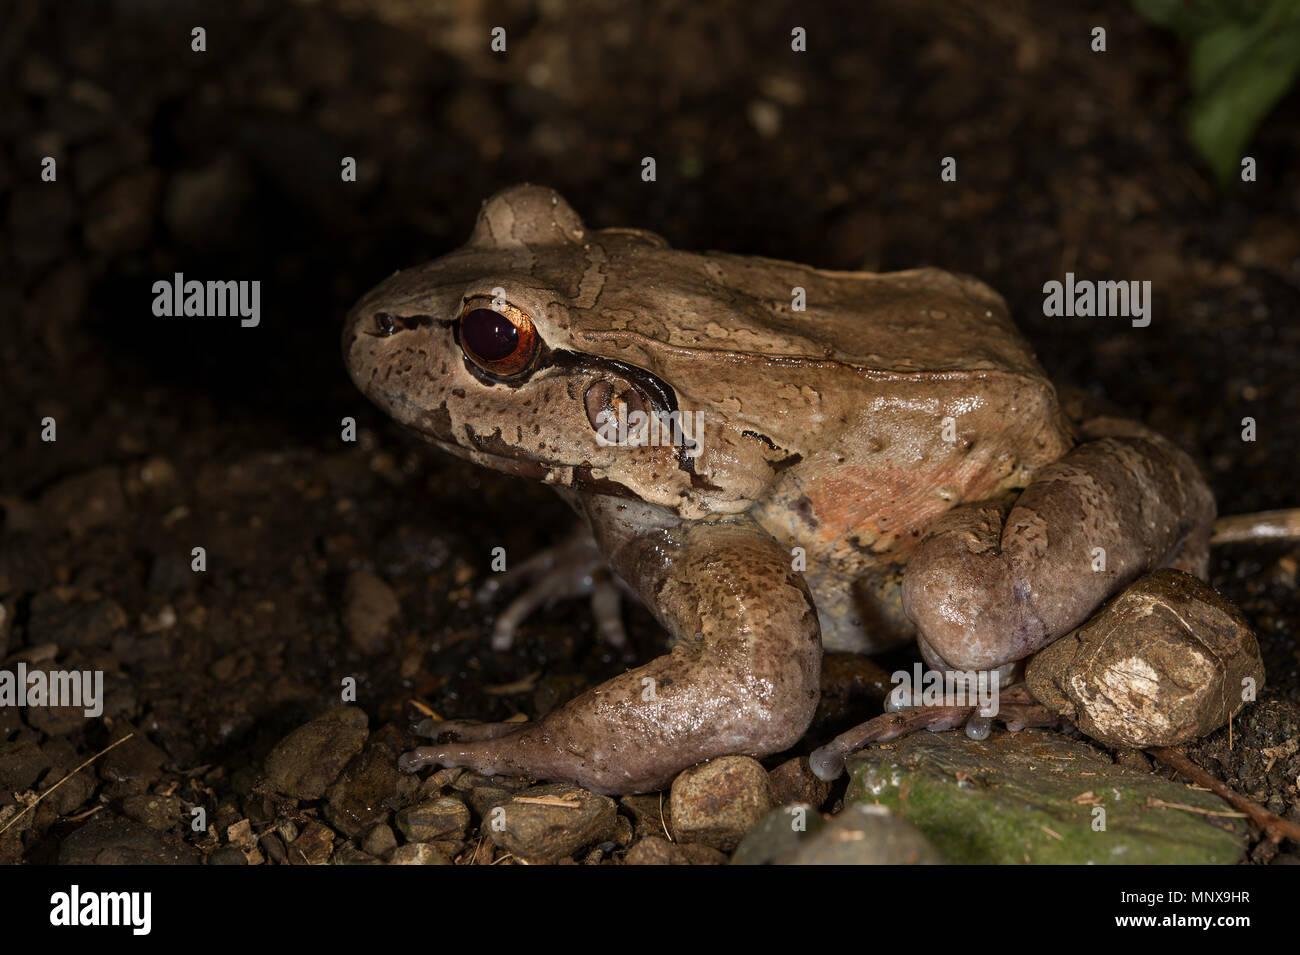 Atlantik breiter vorangegangen Wurf Frosch, Craugastor megacephalus, Craugastoridae, Costa Rica Stockbild